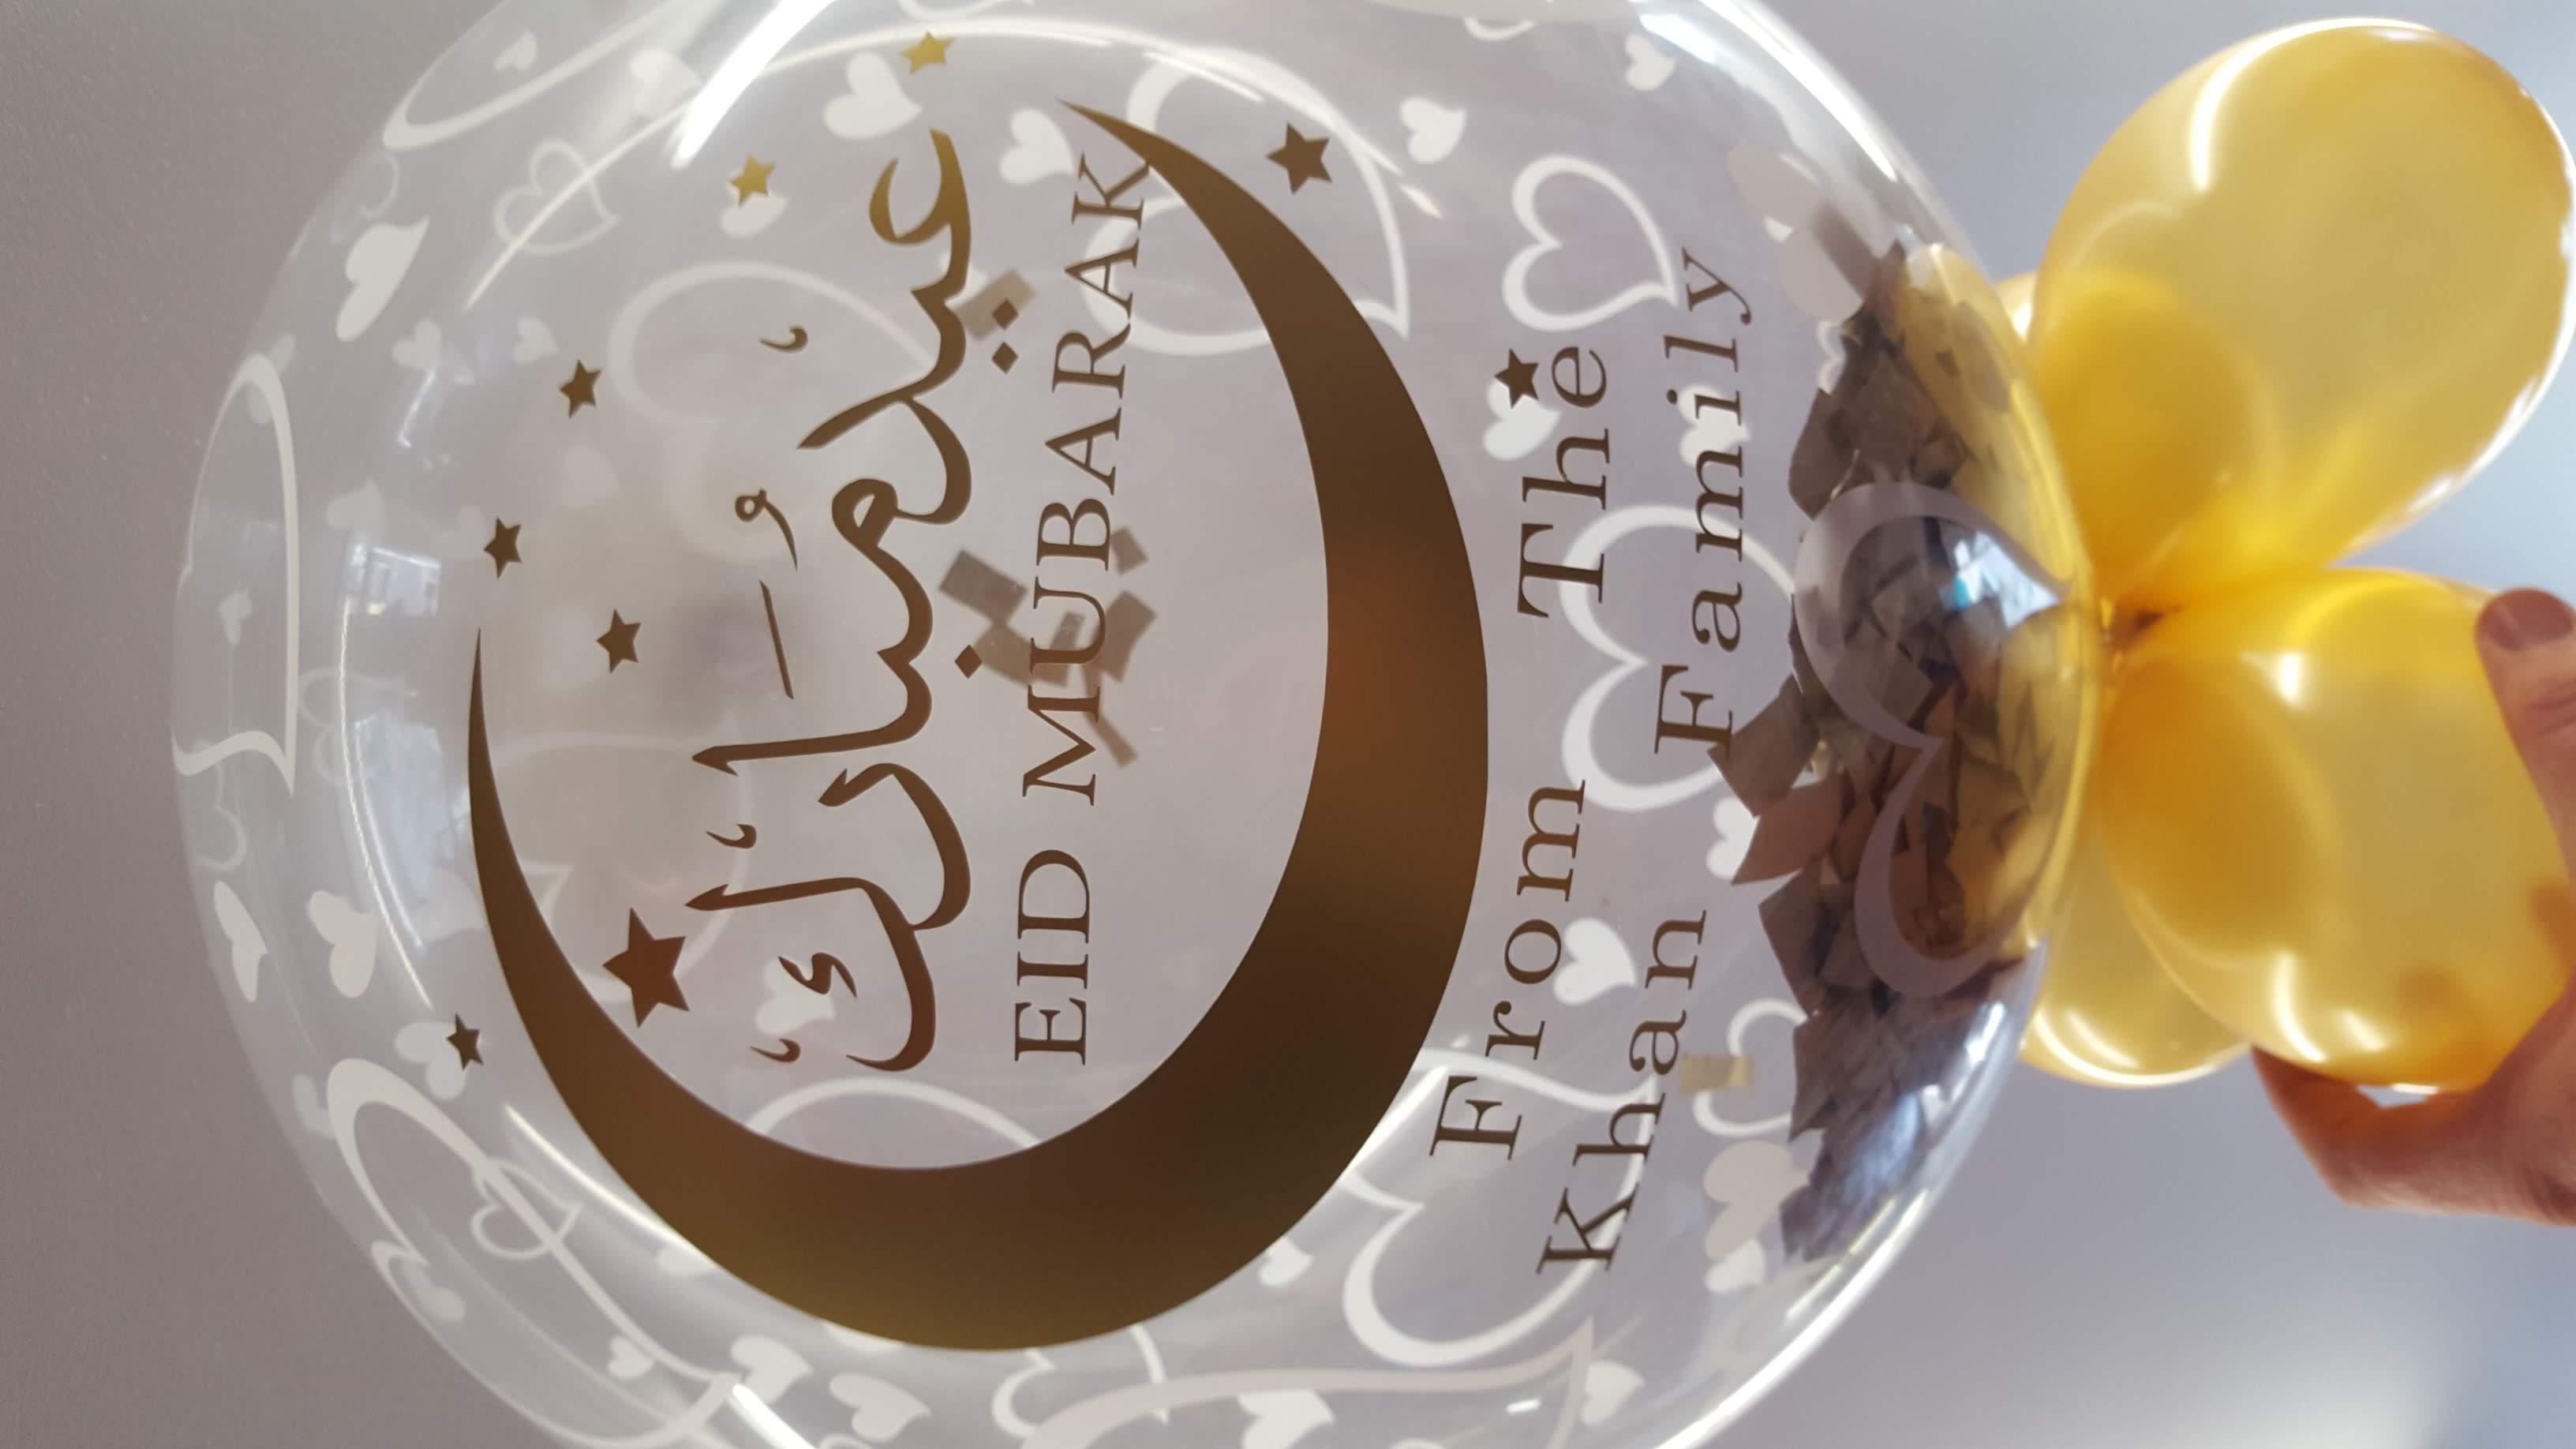 Eid Mubarak Personalised Balloons